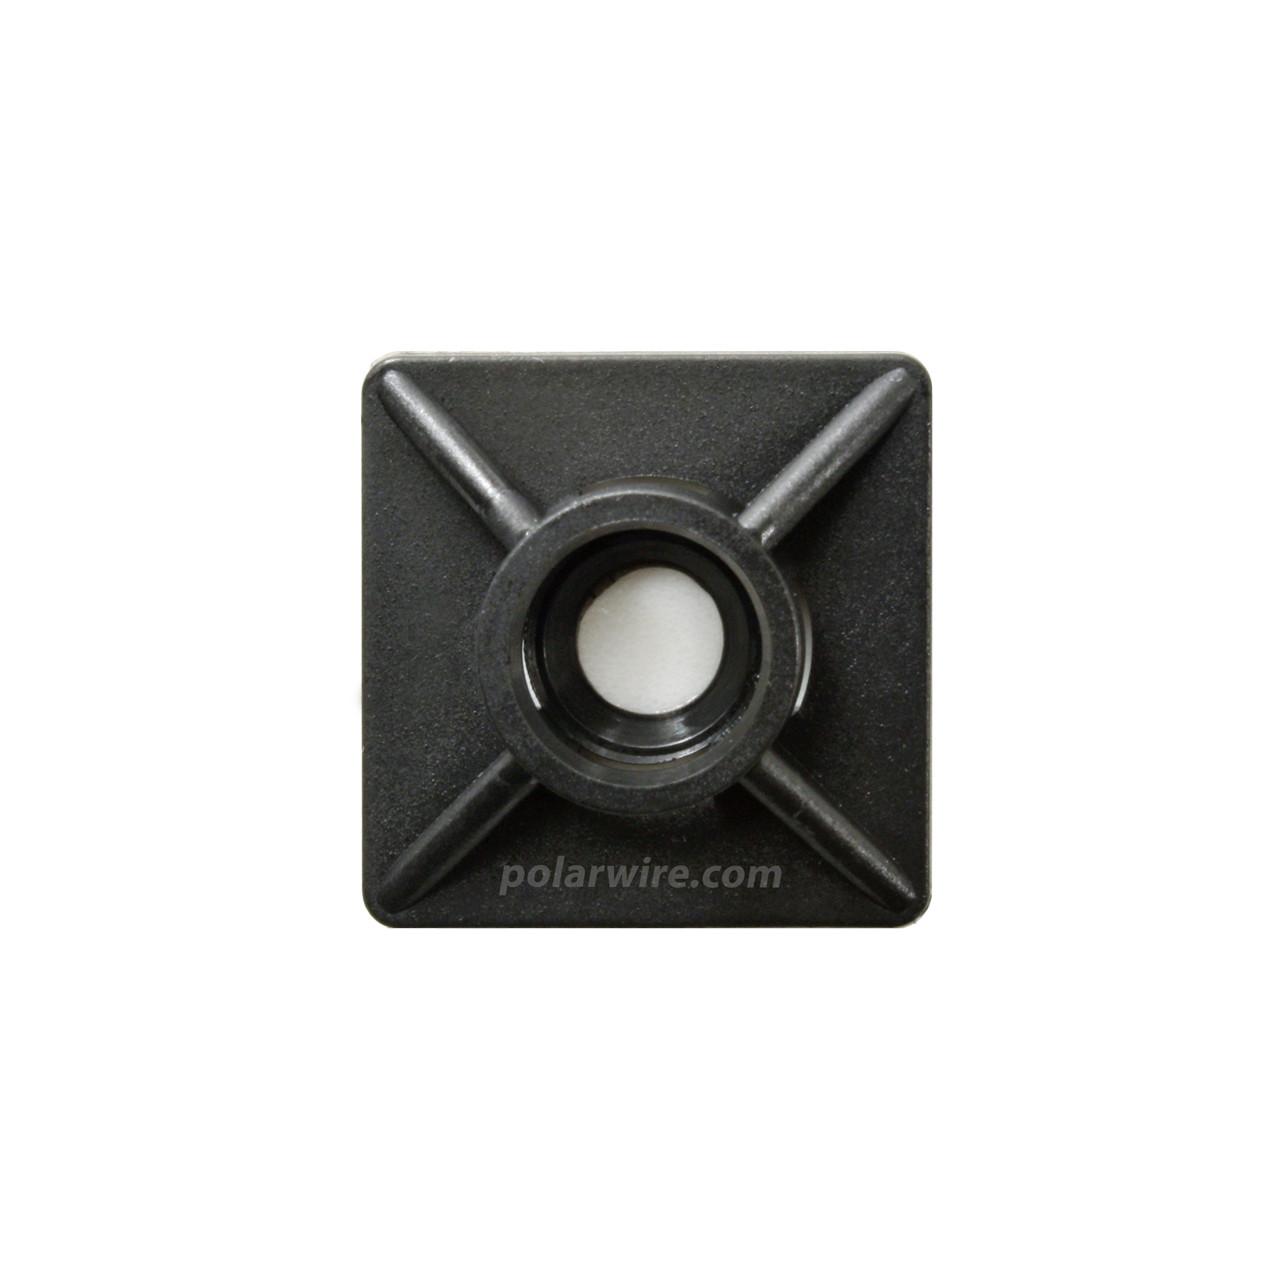 adhesive zip tie mount with screw hole, black UV 6.6 nylon